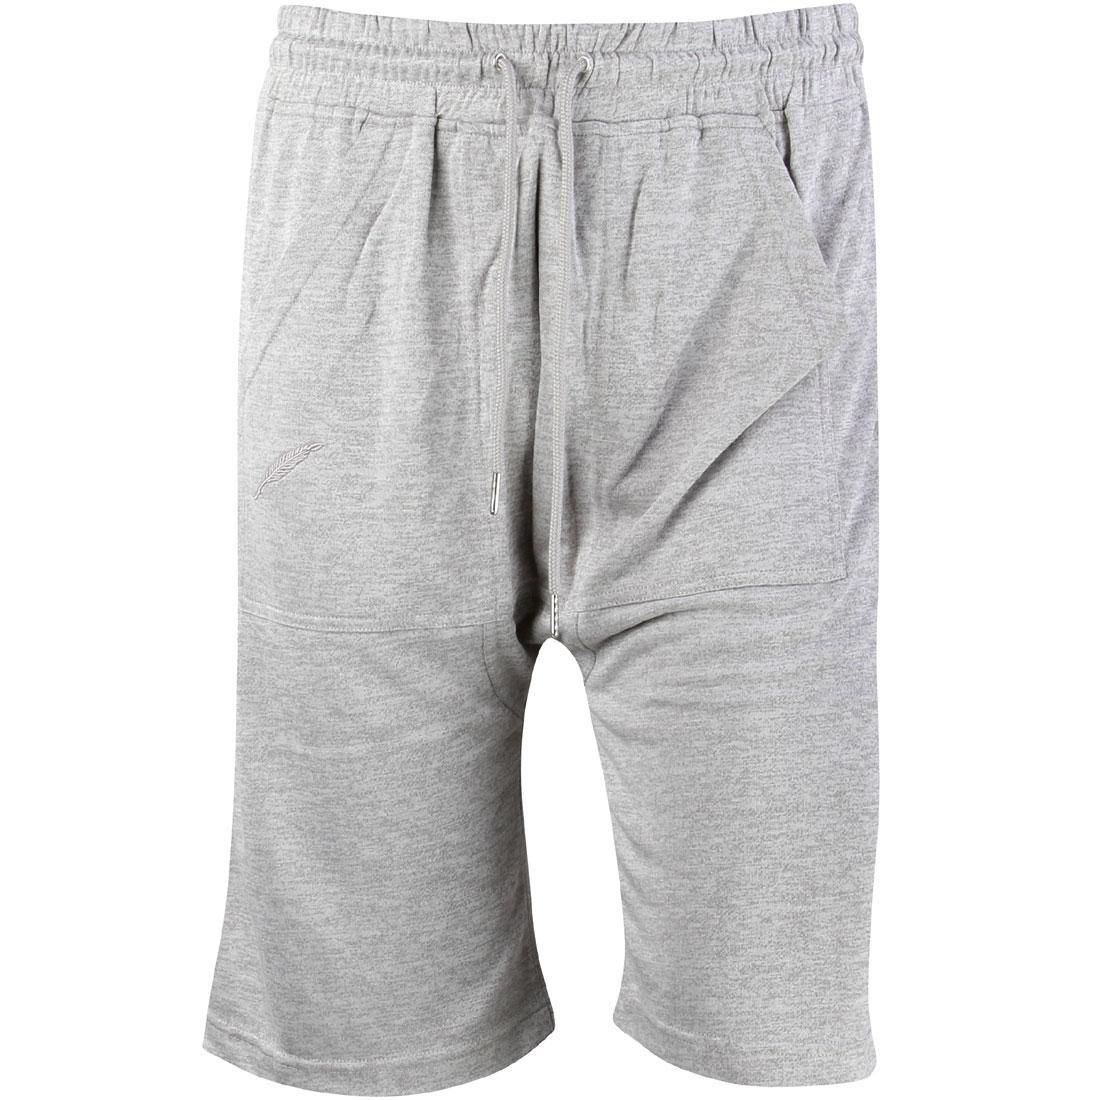 ブルックス BROOKS パブリッシュ ショーツ ハーフパンツ メンズファッション ズボン パンツ メンズ 【 Publish Men Shorts (gray) 】 Gray